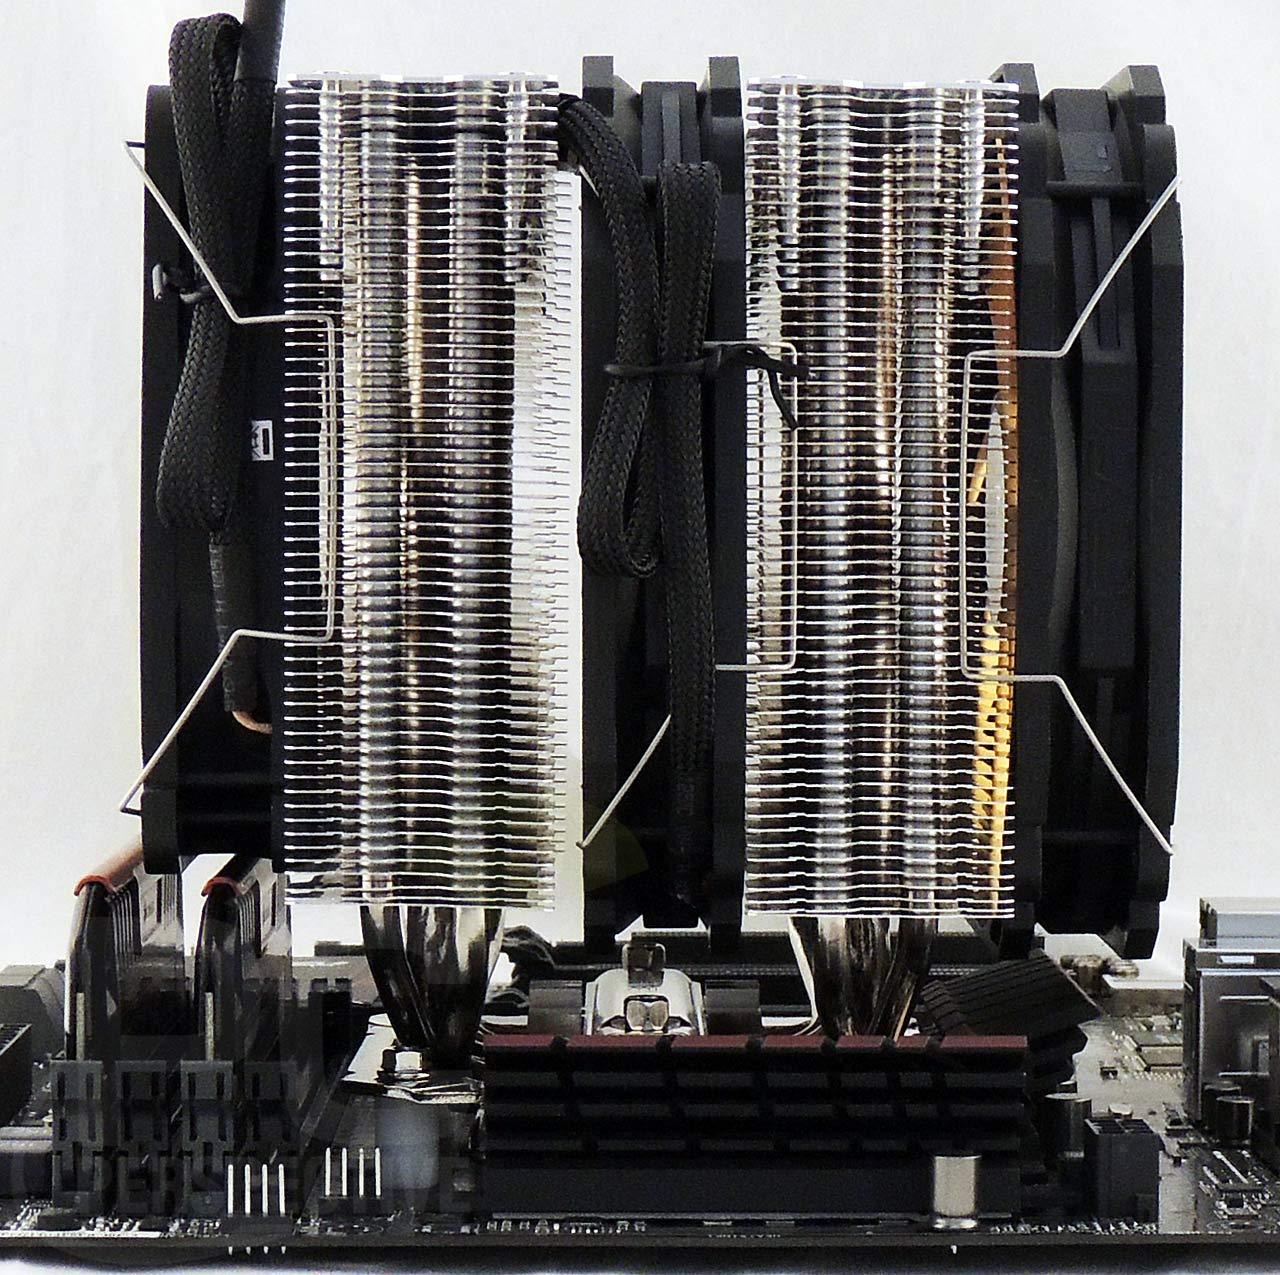 20-board-z97-cooler-3fans-side.jpg